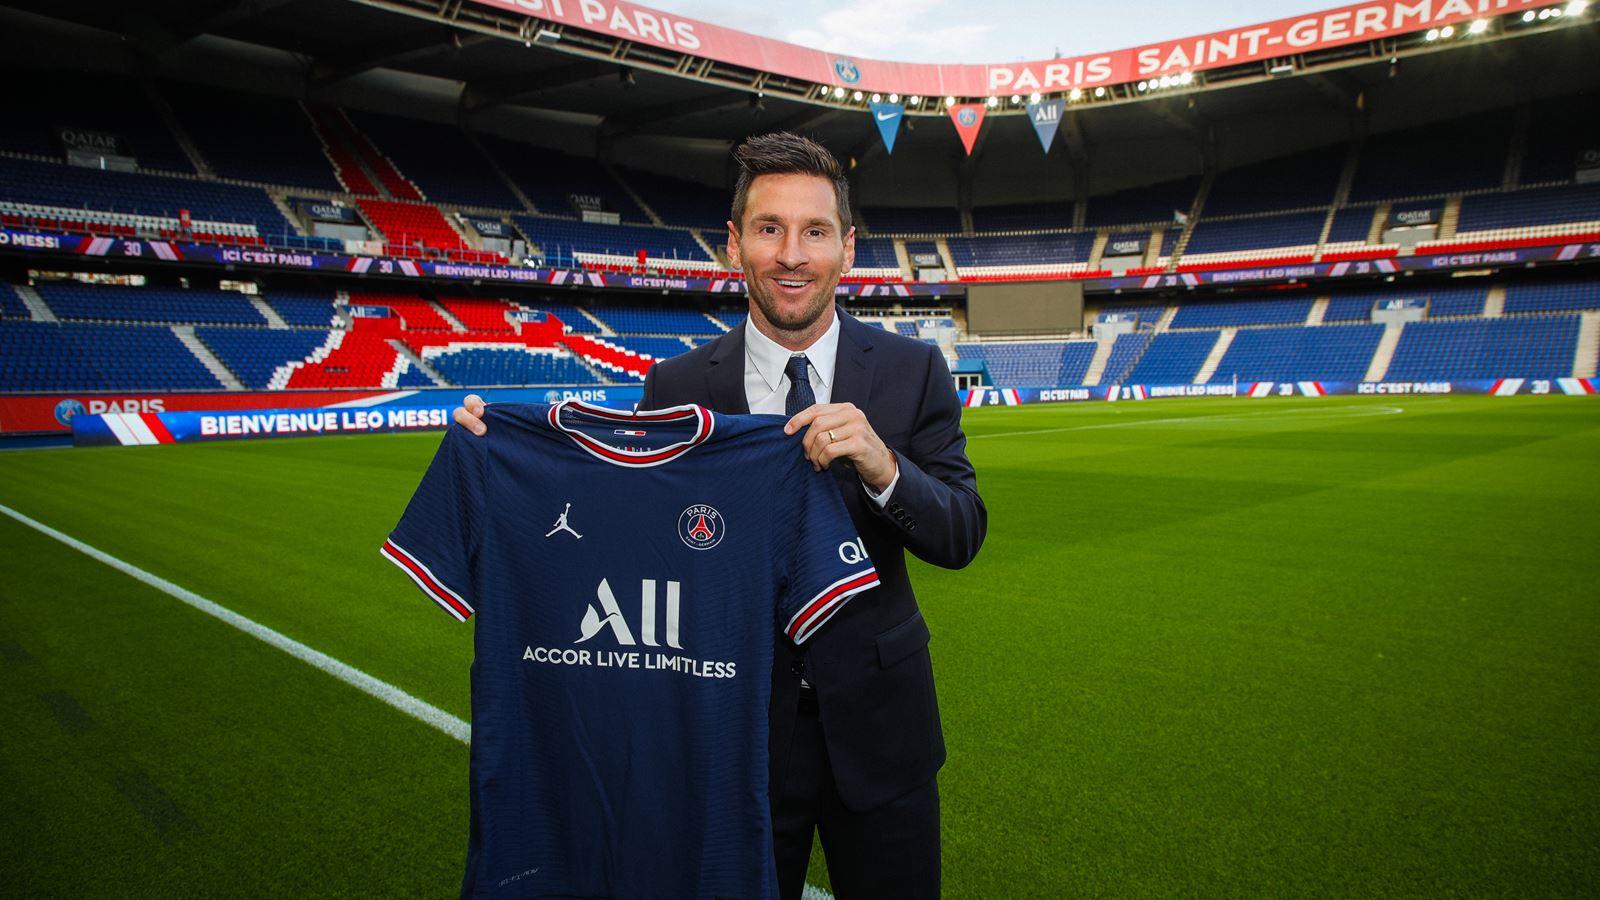 Капитан «Лилля» зовет в клуб Роналду (в ответ на трансфер Месси) и не понимает, как работает финансовый фэйр-плей во Франции. Его претензии понятны, но «ПСЖ» действует по закону